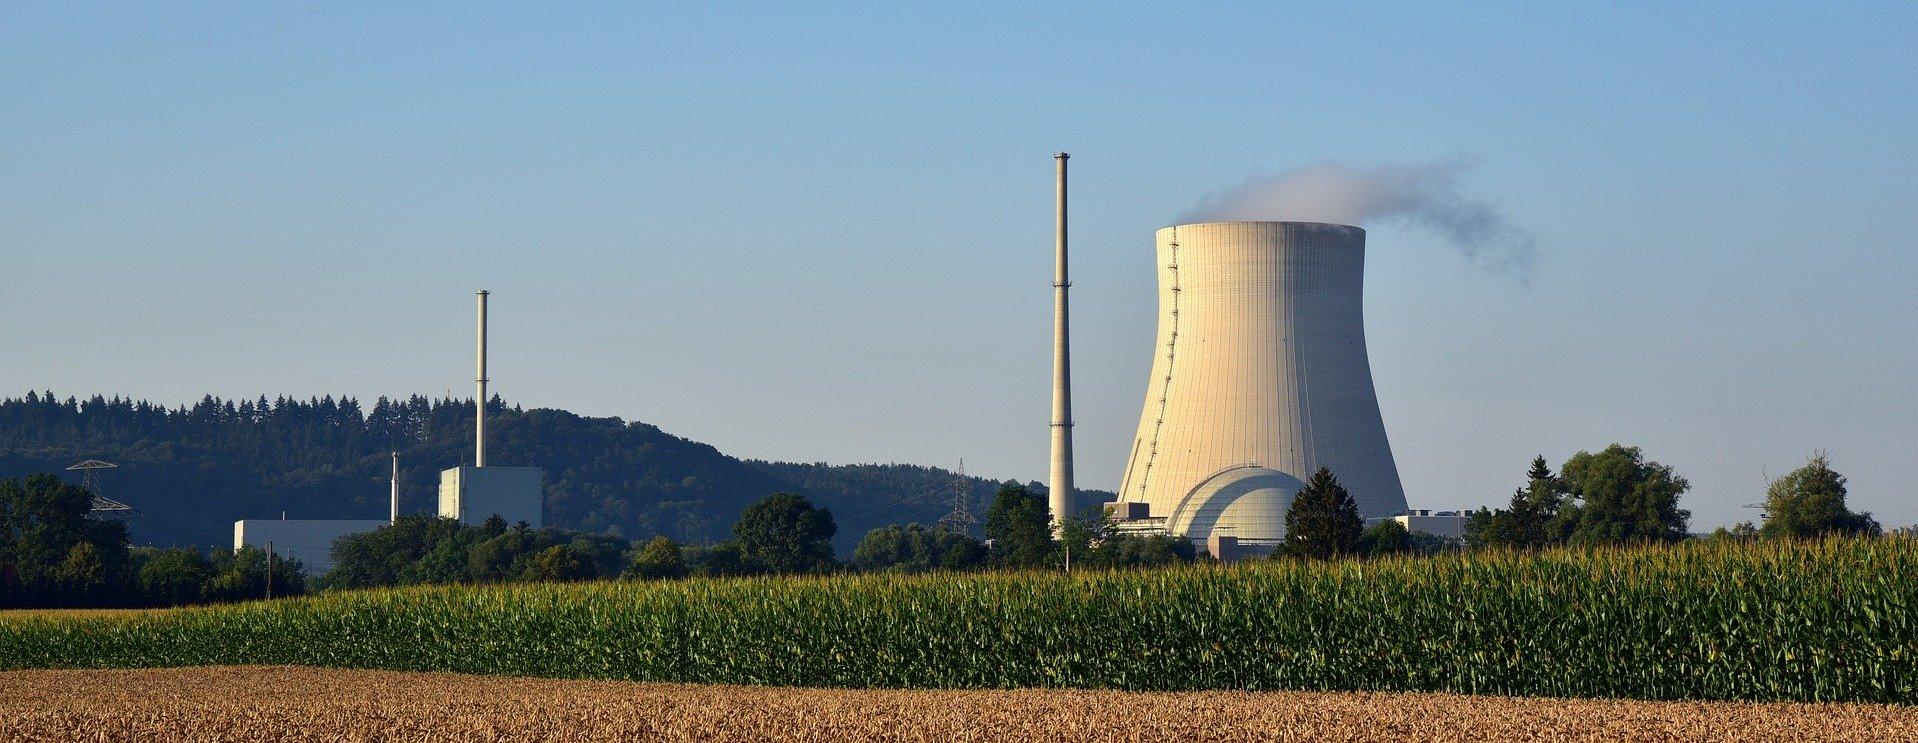 Кольская АЭС направила 800 млн руб. на экологические проекты